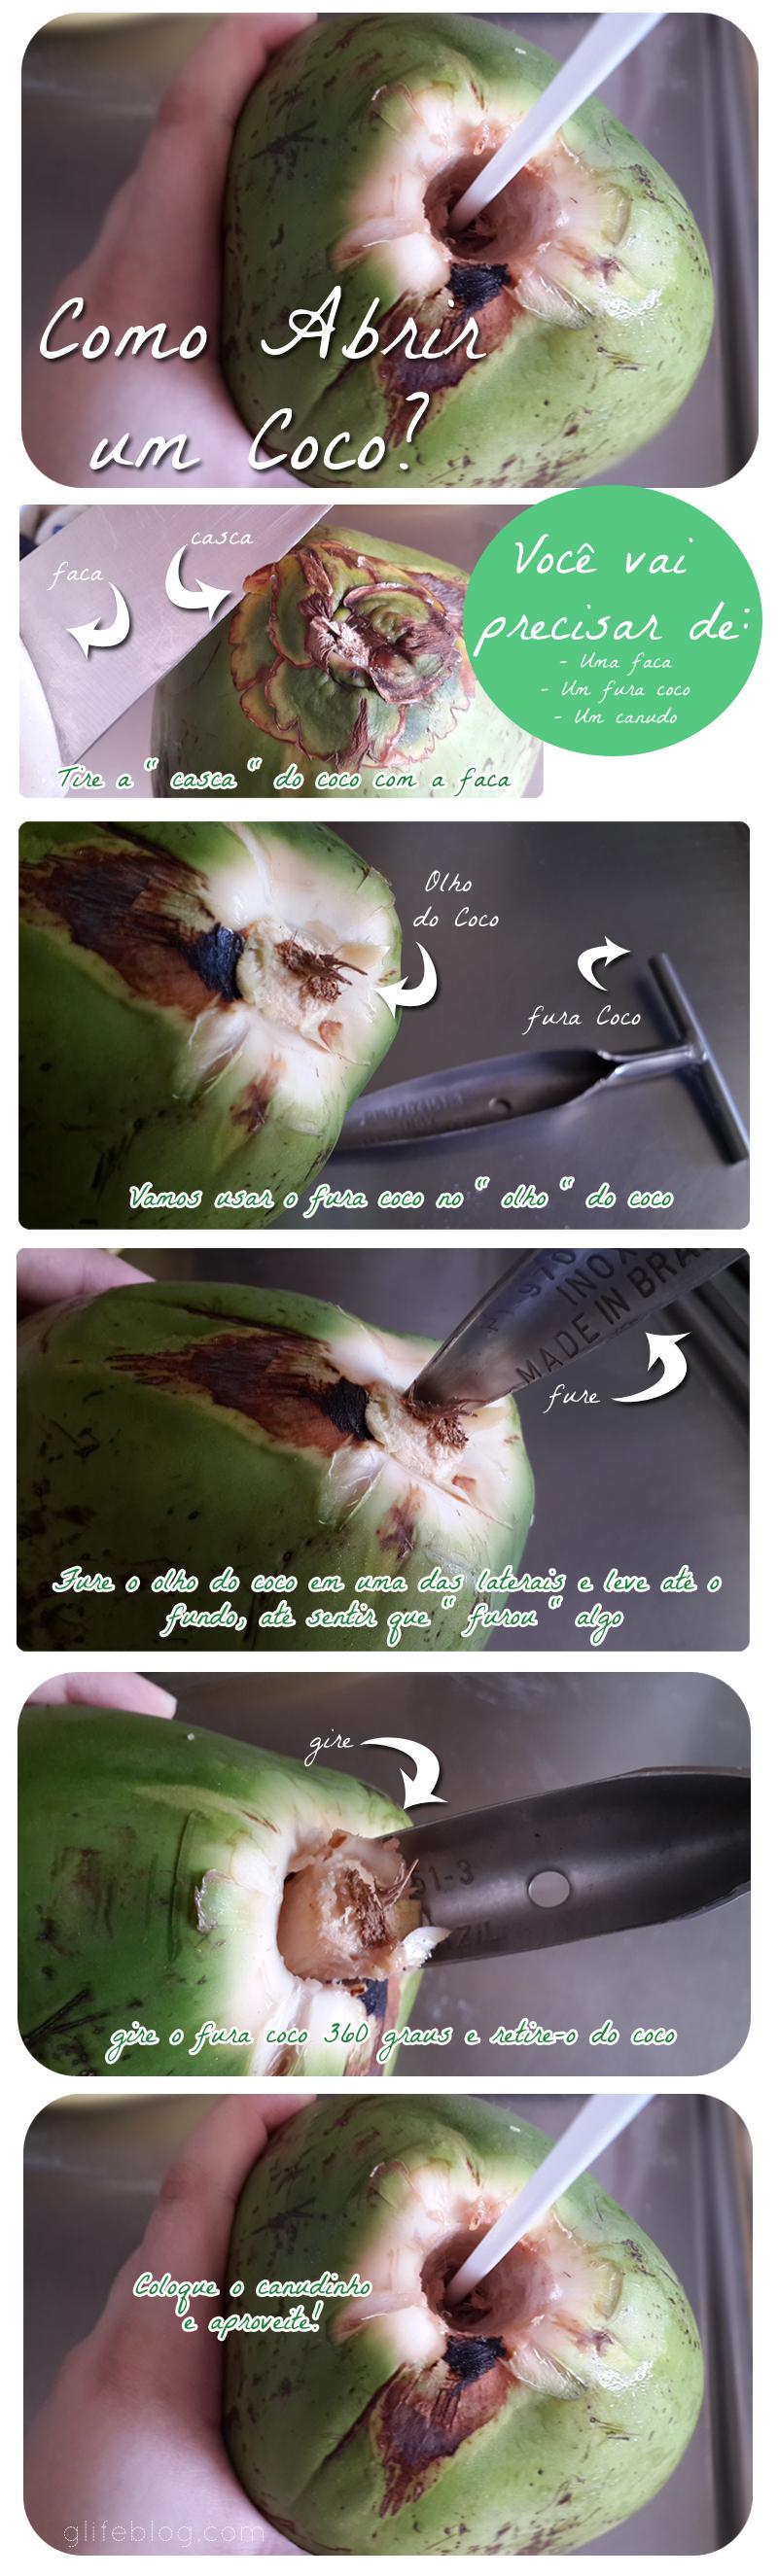 como furar coco